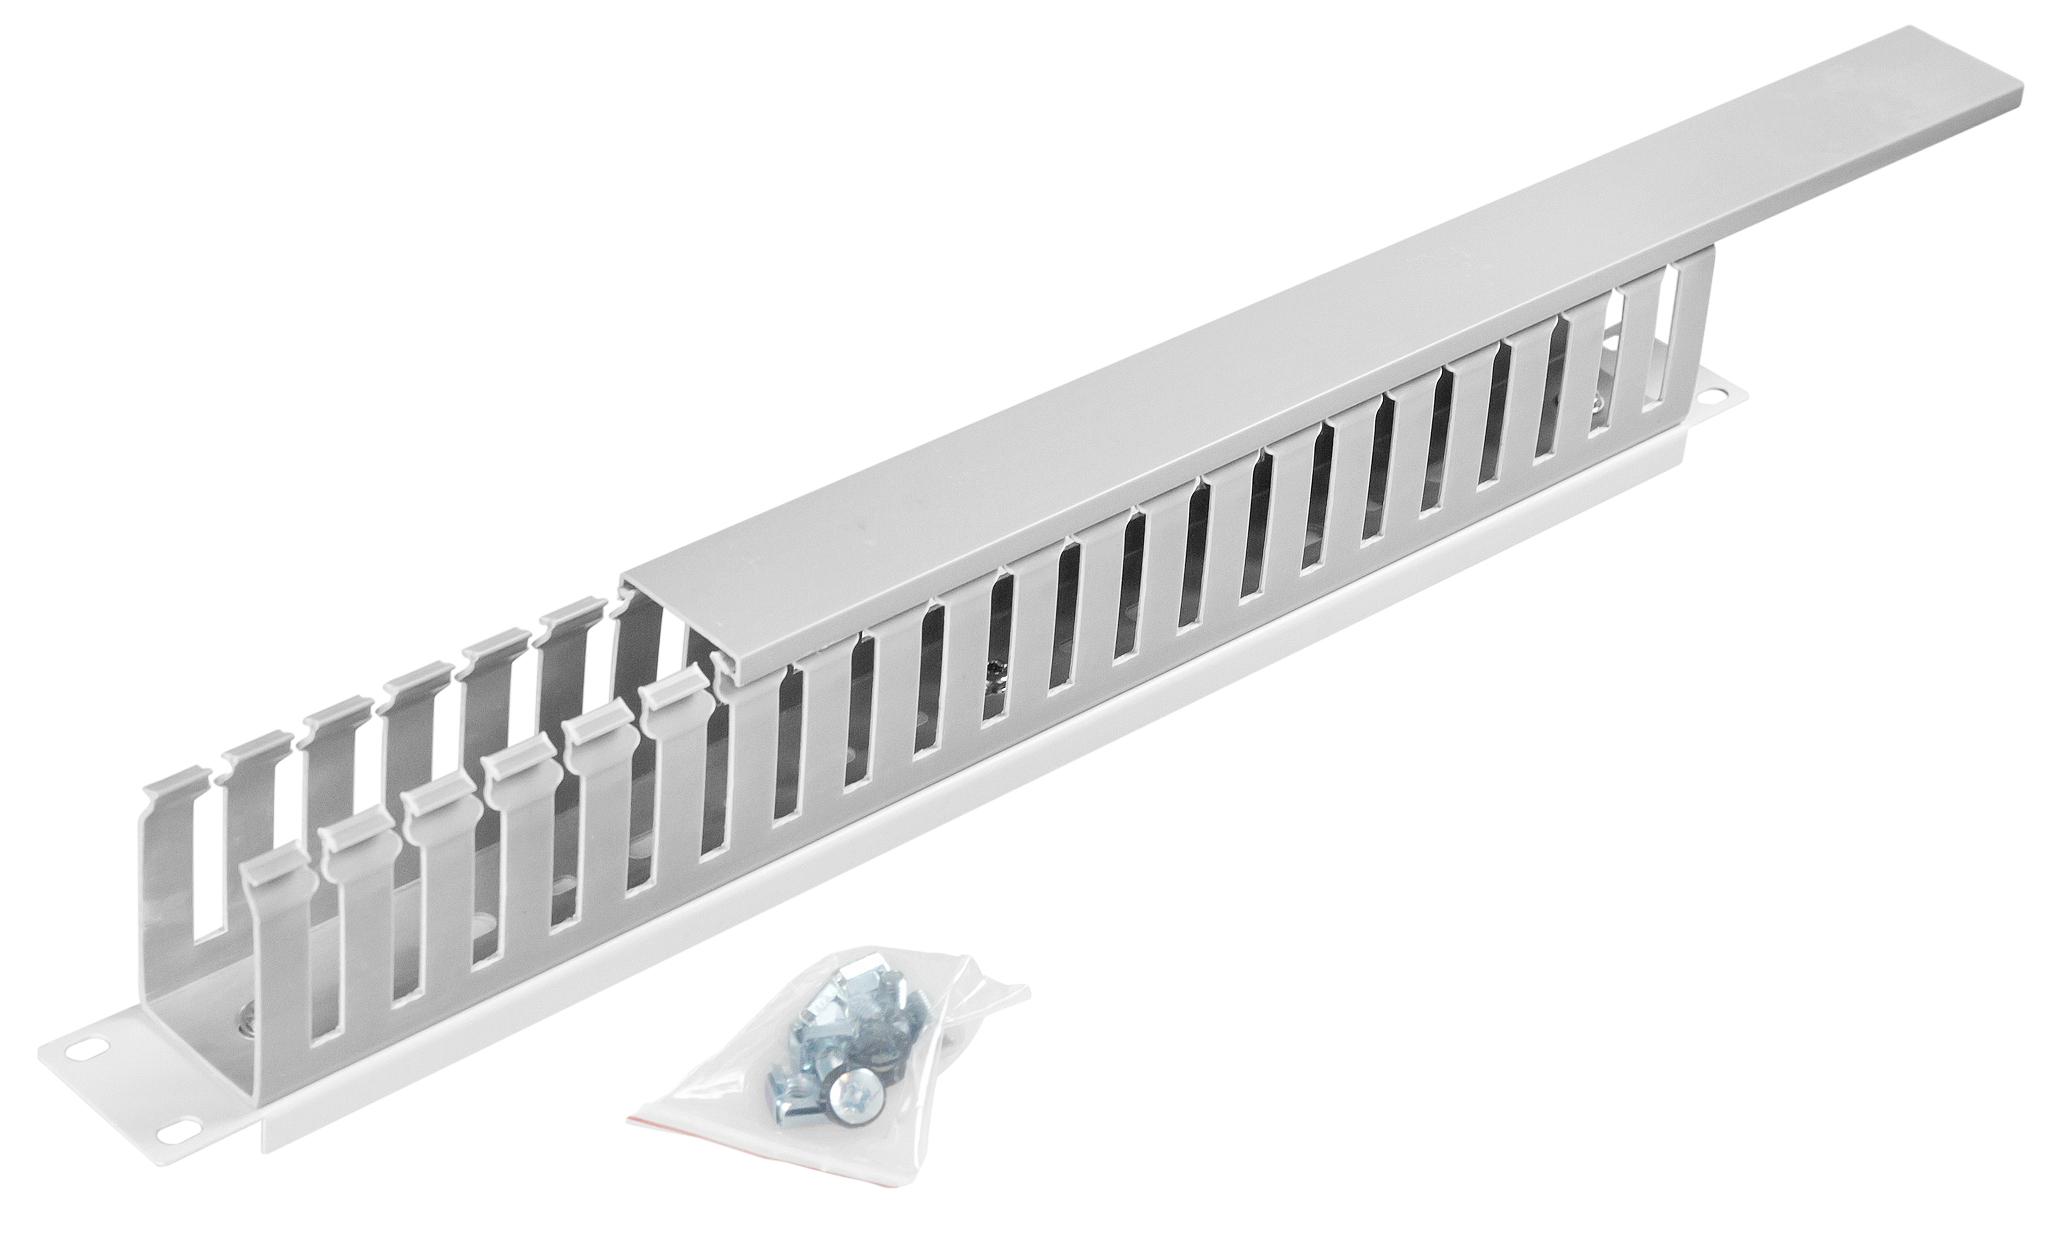 1 Stk 19 Kabelführung mit Kabelkanal einseitig, 1HE, RAL7035 HDBS148051